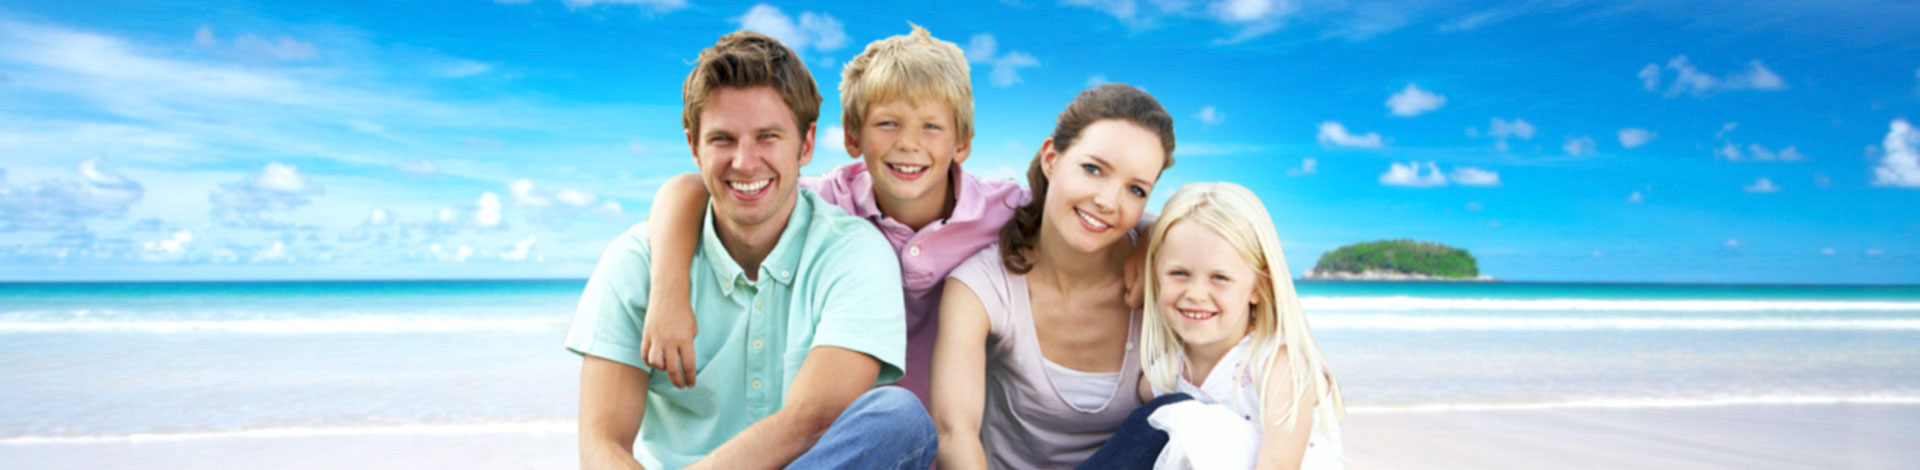 Smile Odonto - Clínicas Odontológicas